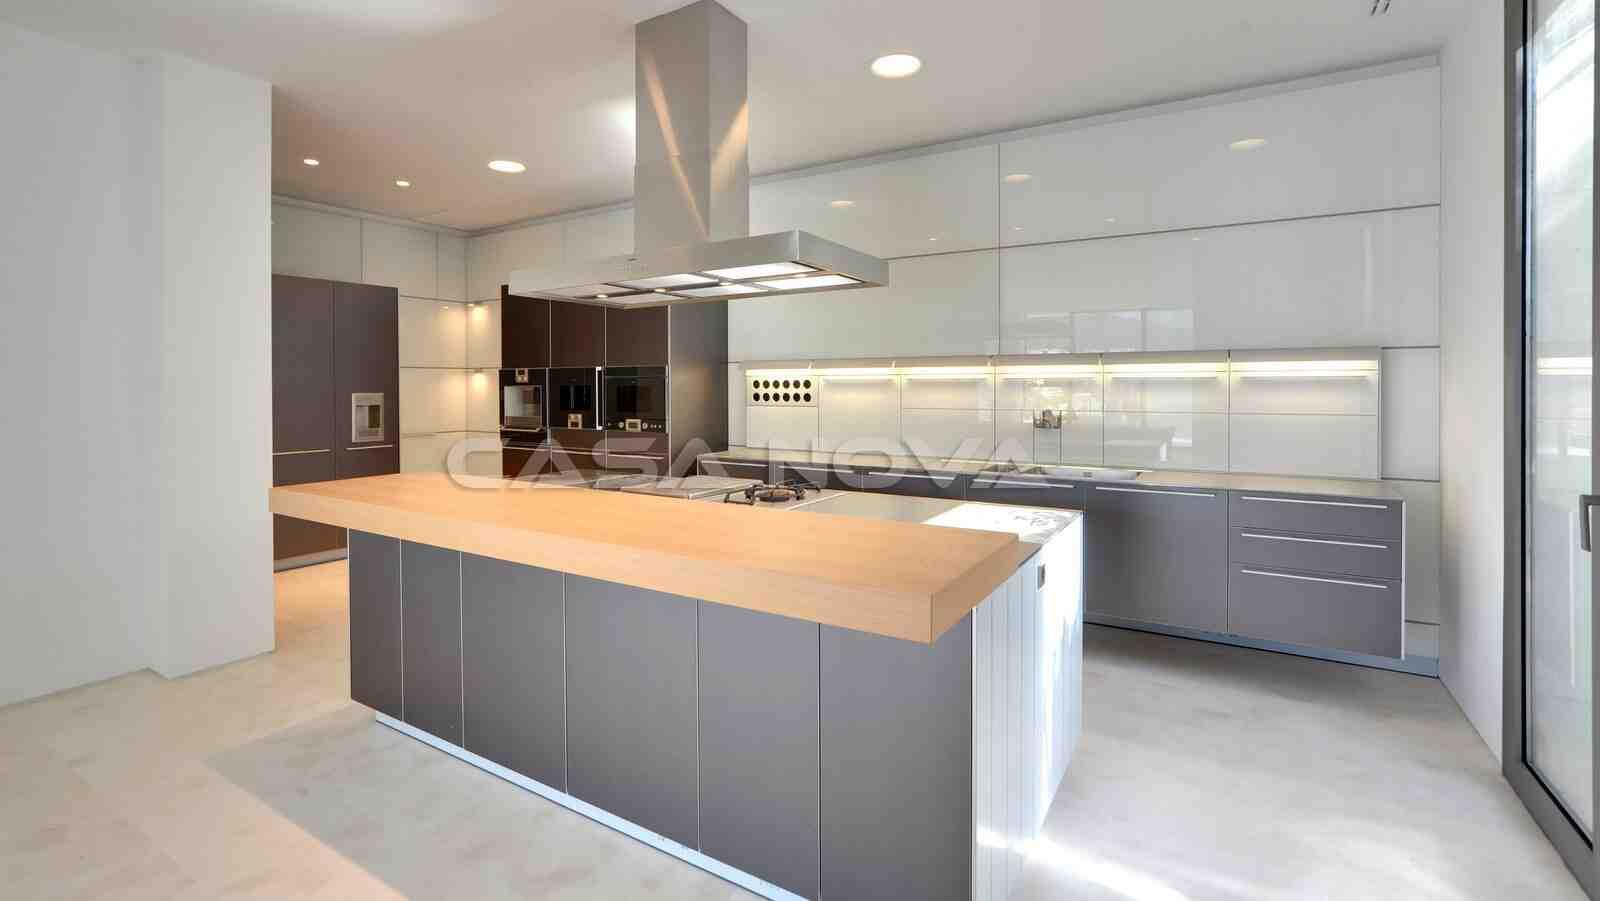 Moderne Einbauküche mit hochwertigen Elektrogeräten